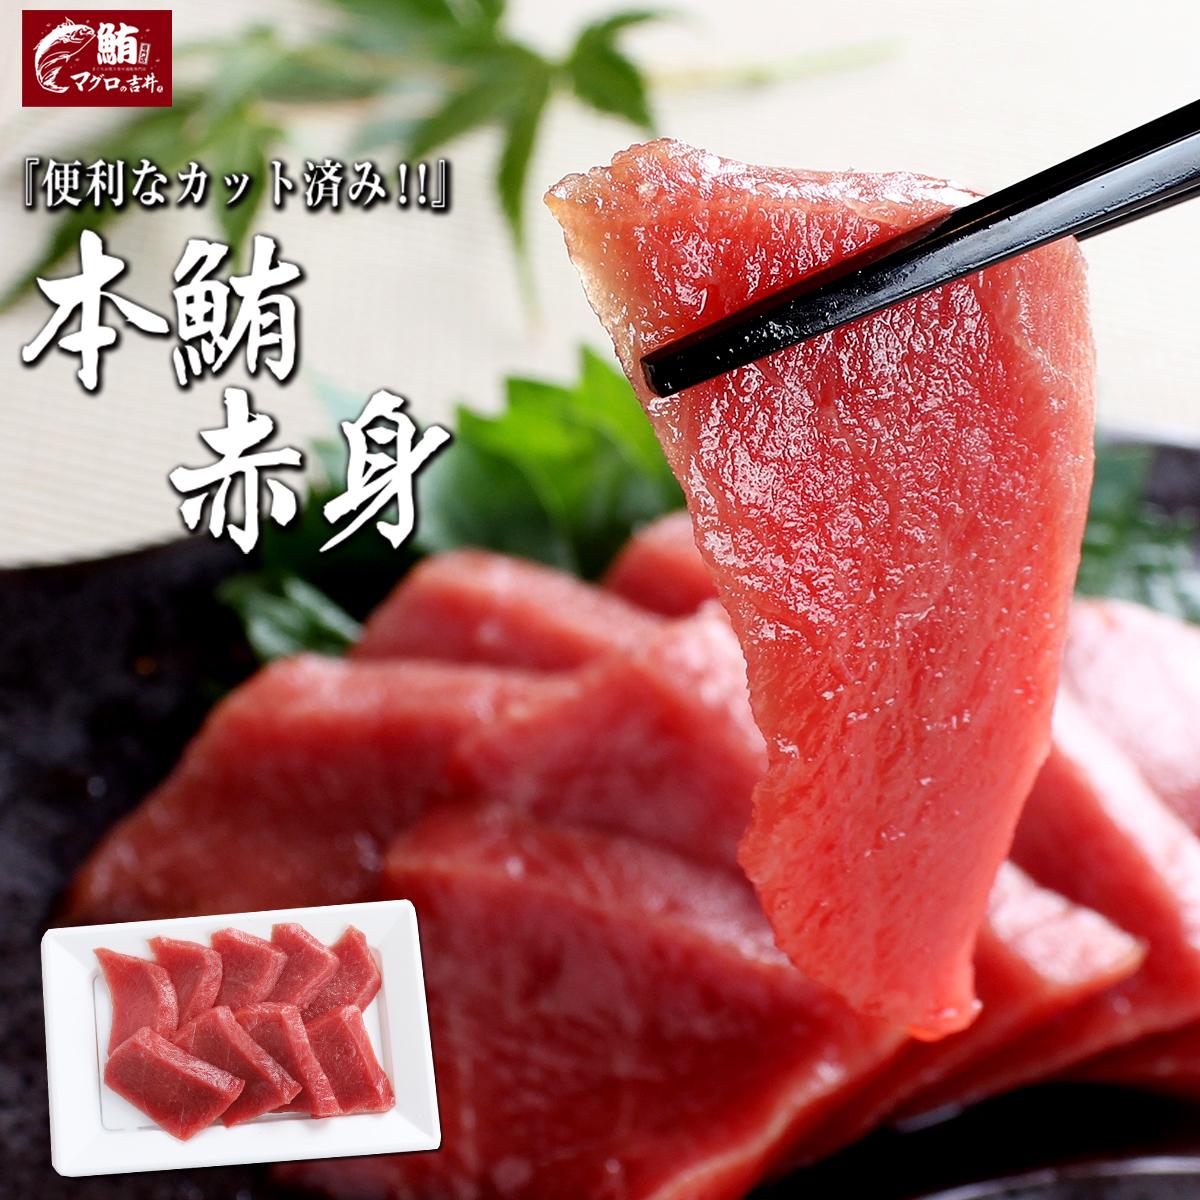 マグロは味で食べるなら 2020A/W新作送料無料 赤身 極上 本マグロ 100g カット済み なので安心 プレゼント ギフト まぐろ 秀逸 鮪 内祝 刺身 本鮪 御祝 gd34 スライス 海鮮丼 誕生日 マグロ 手巻き寿司